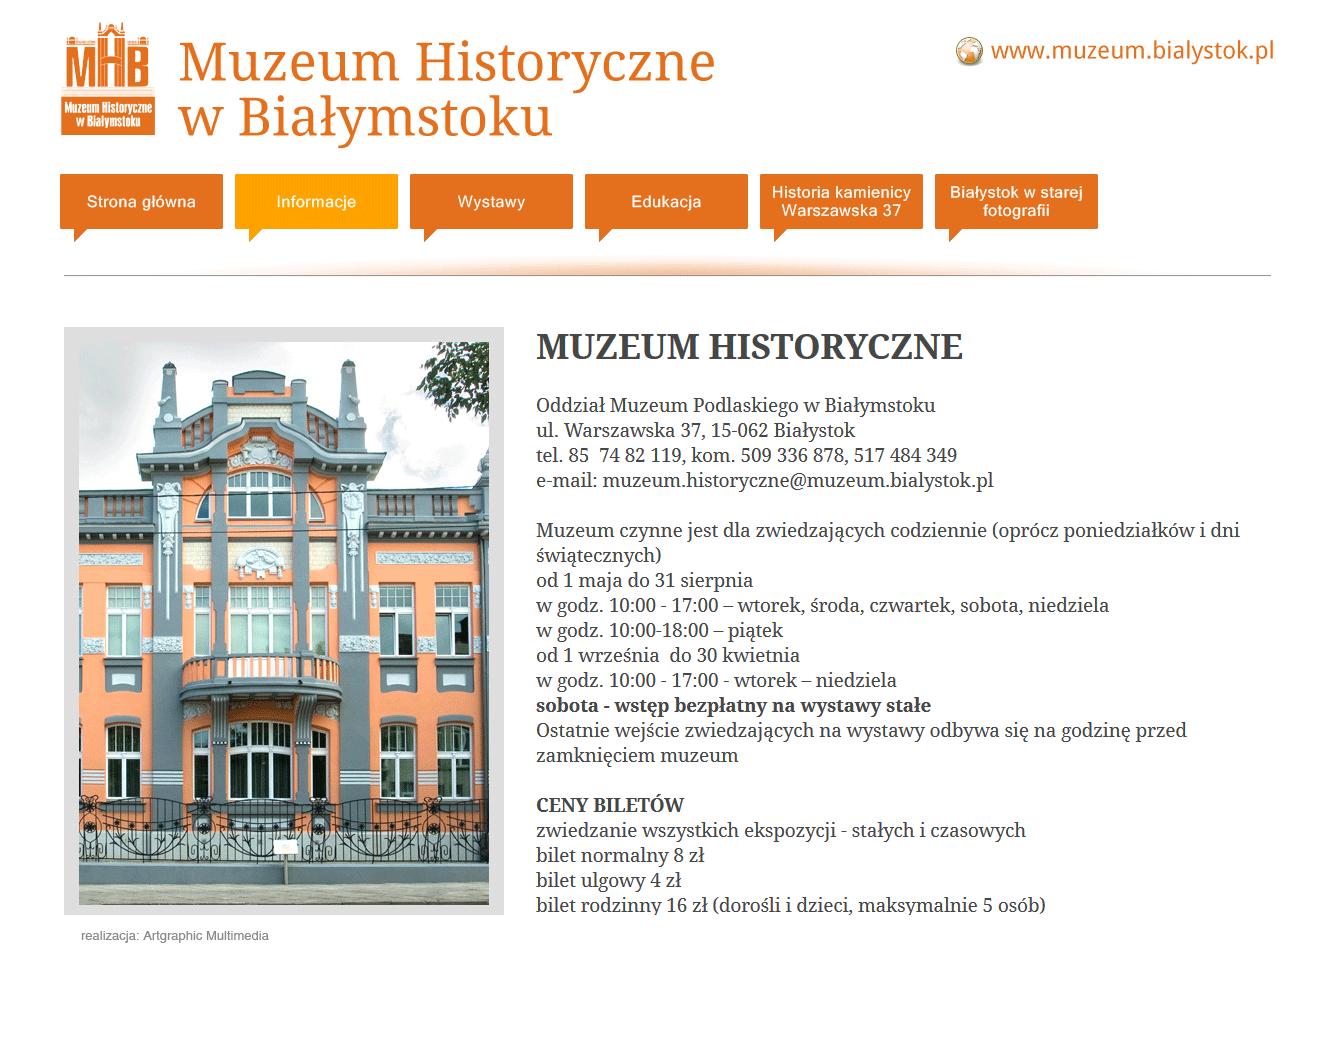 Prezentacja Multimedialna, oprogramowanie infokiosków